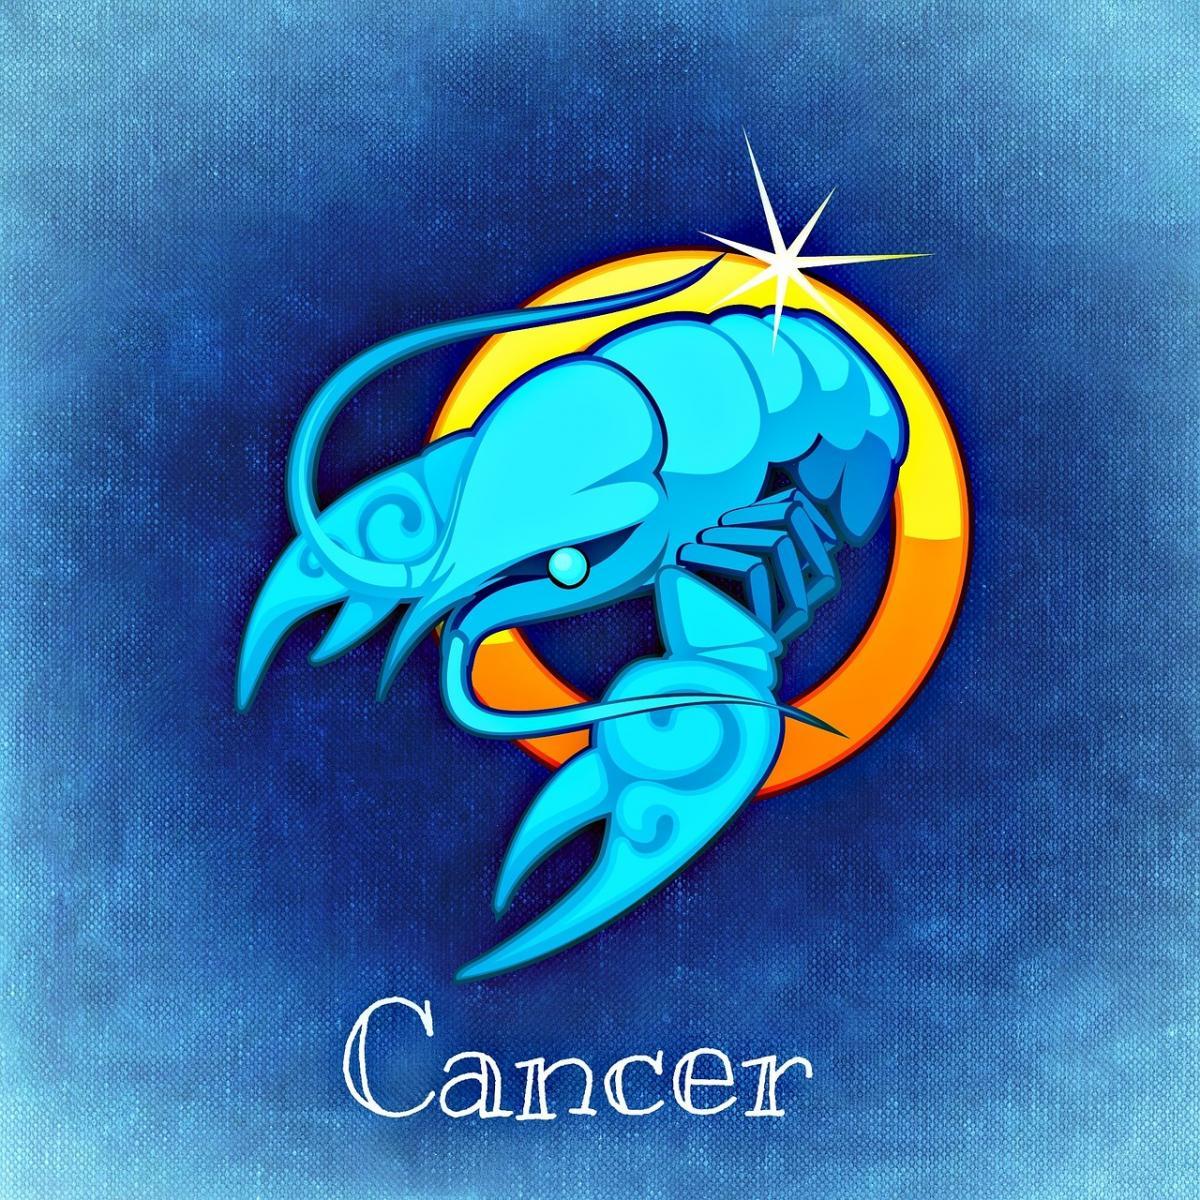 Le signe du mois : Le Cancer